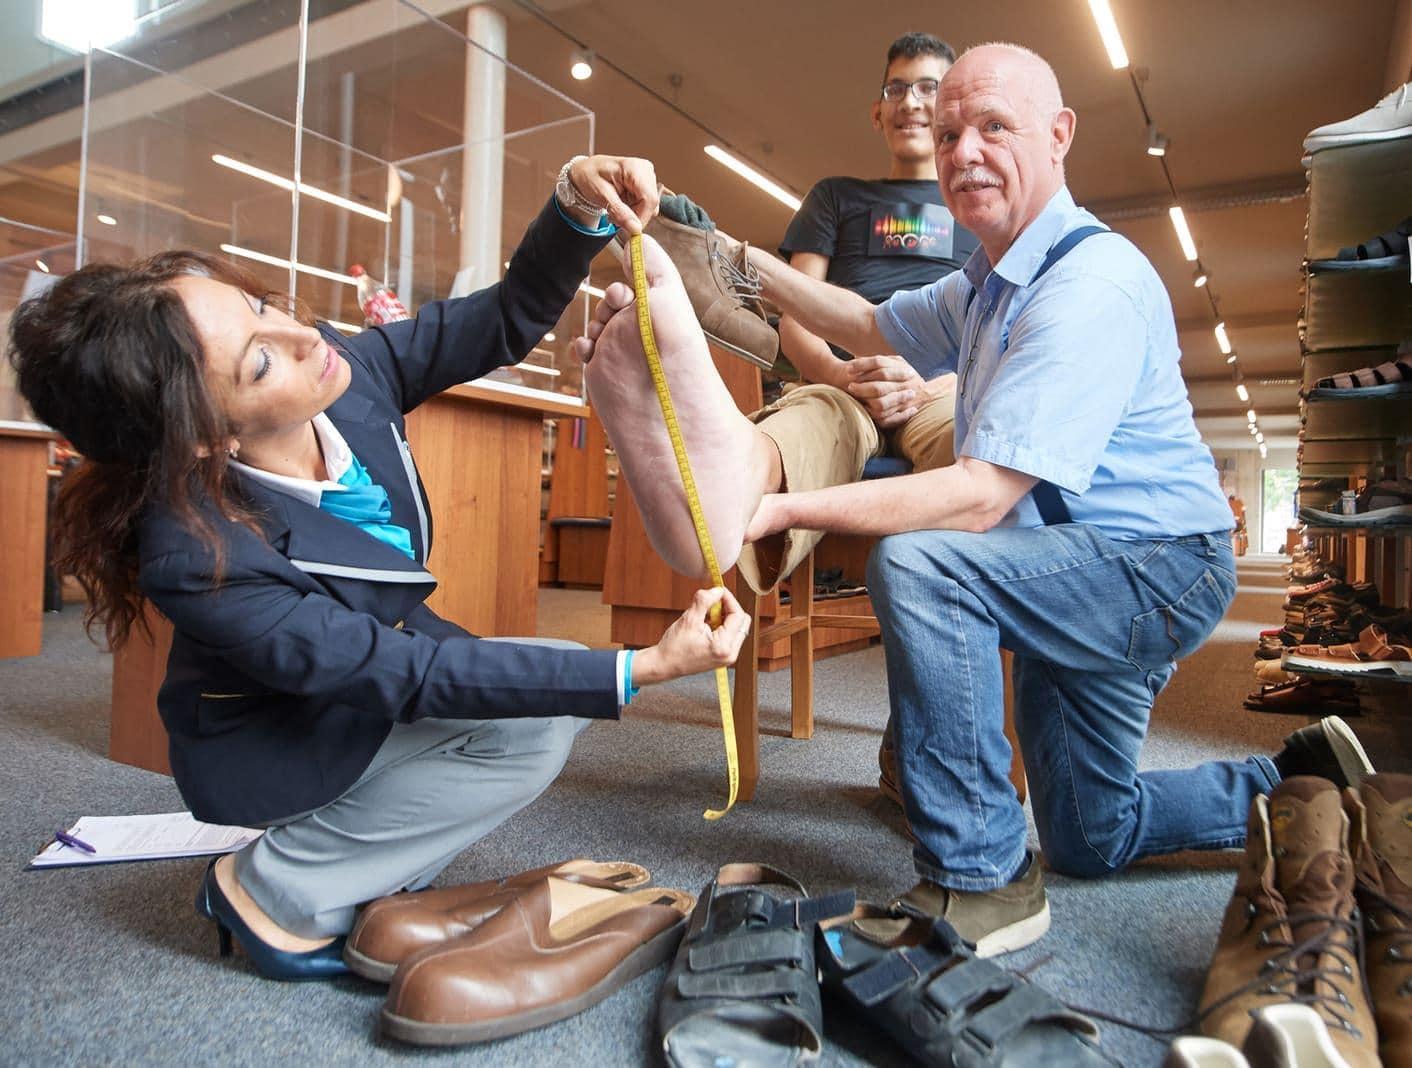 <p>Er stammt aus Maracay in Venezuela und hat das erste Mal seine Heimat verlassen. Denn an diesem Montag kann er in Vreden im Münsterland neue Schuhe anprobieren.</p> Foto: dpa